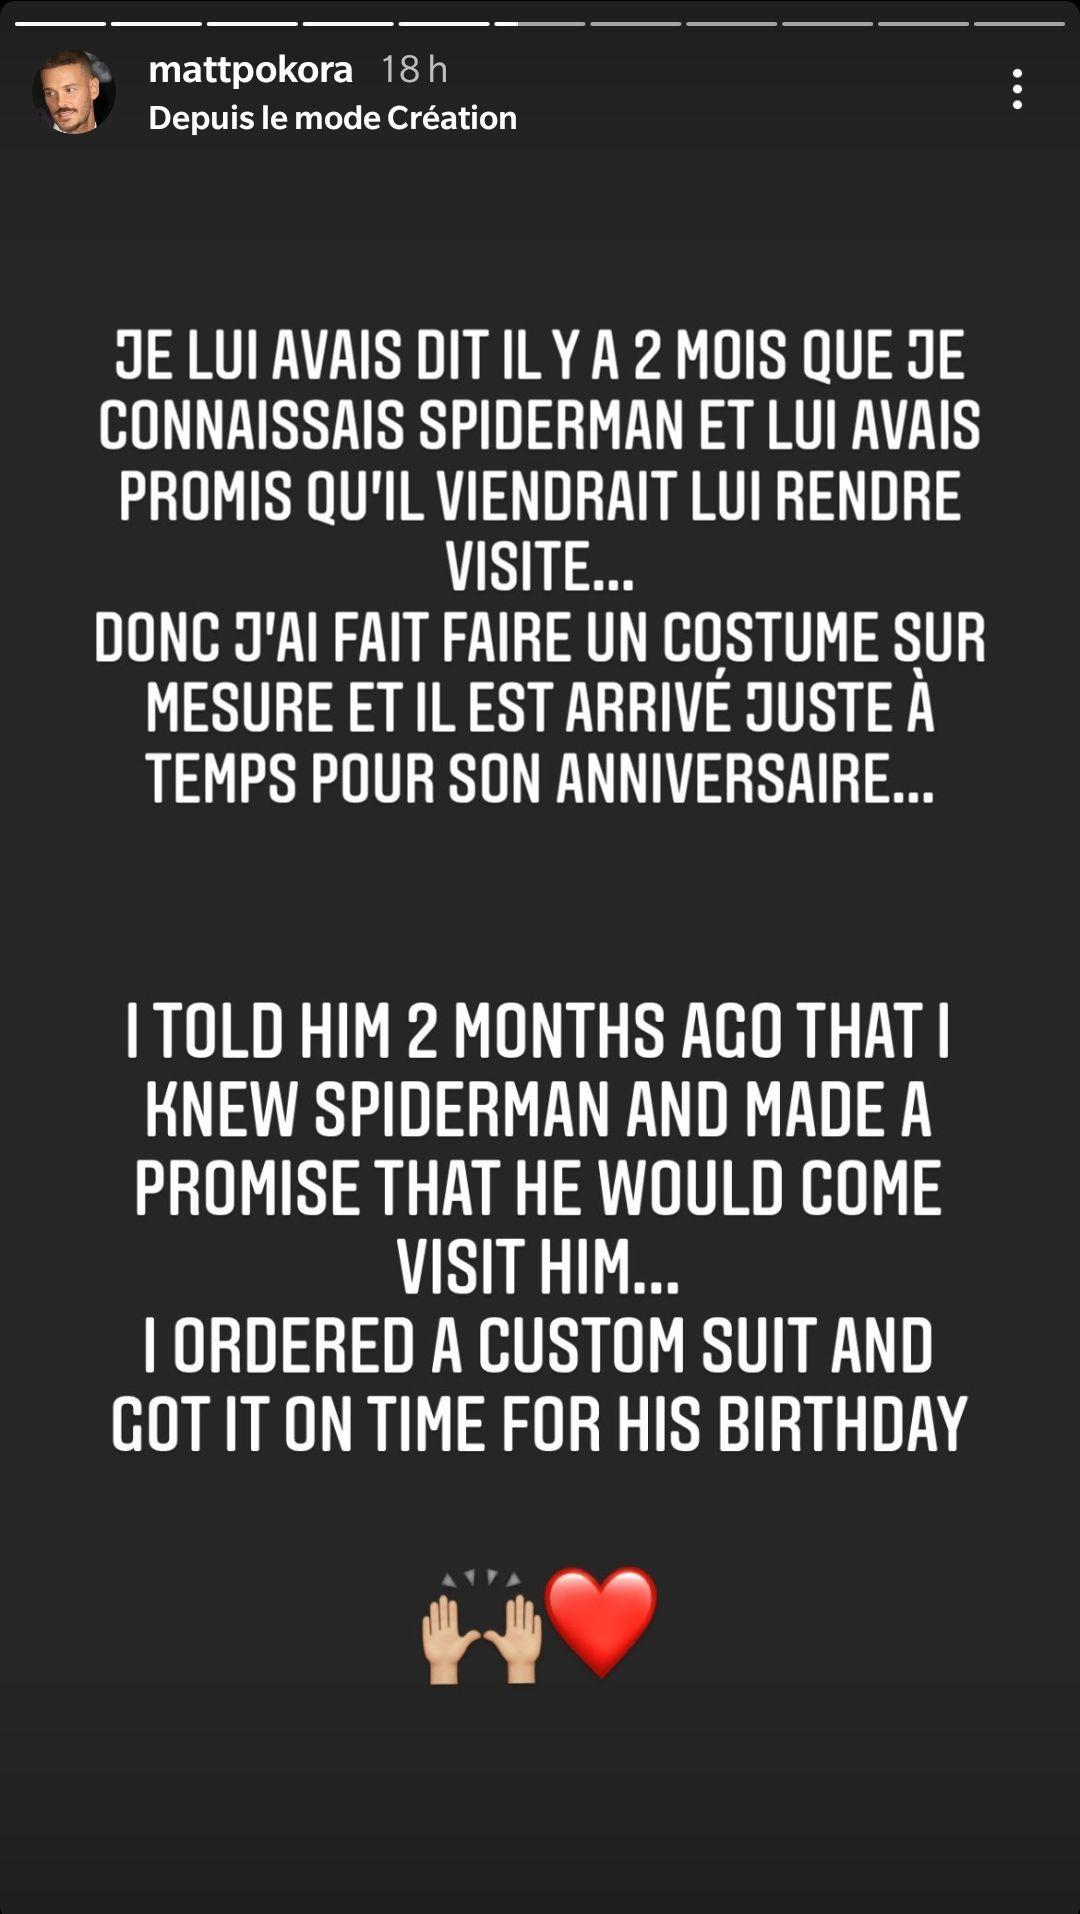 Matt Pokora de nouveau en Spiderman : Cette belle occasion pour laquelle il se déguise en super-héros